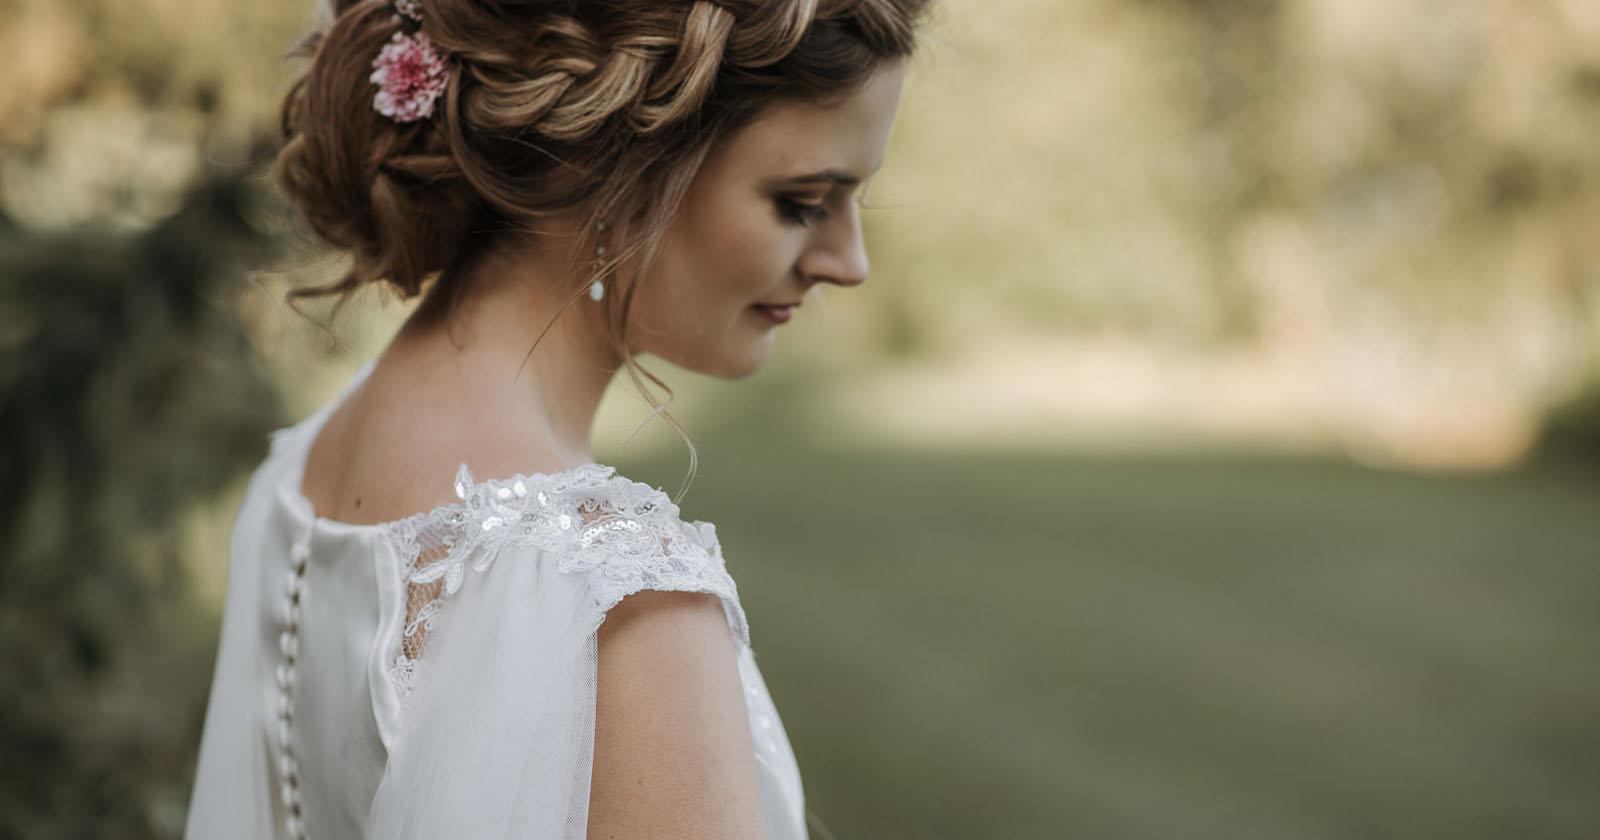 Fotografia di matrimonio post-pandemia: è ora di dire addio?